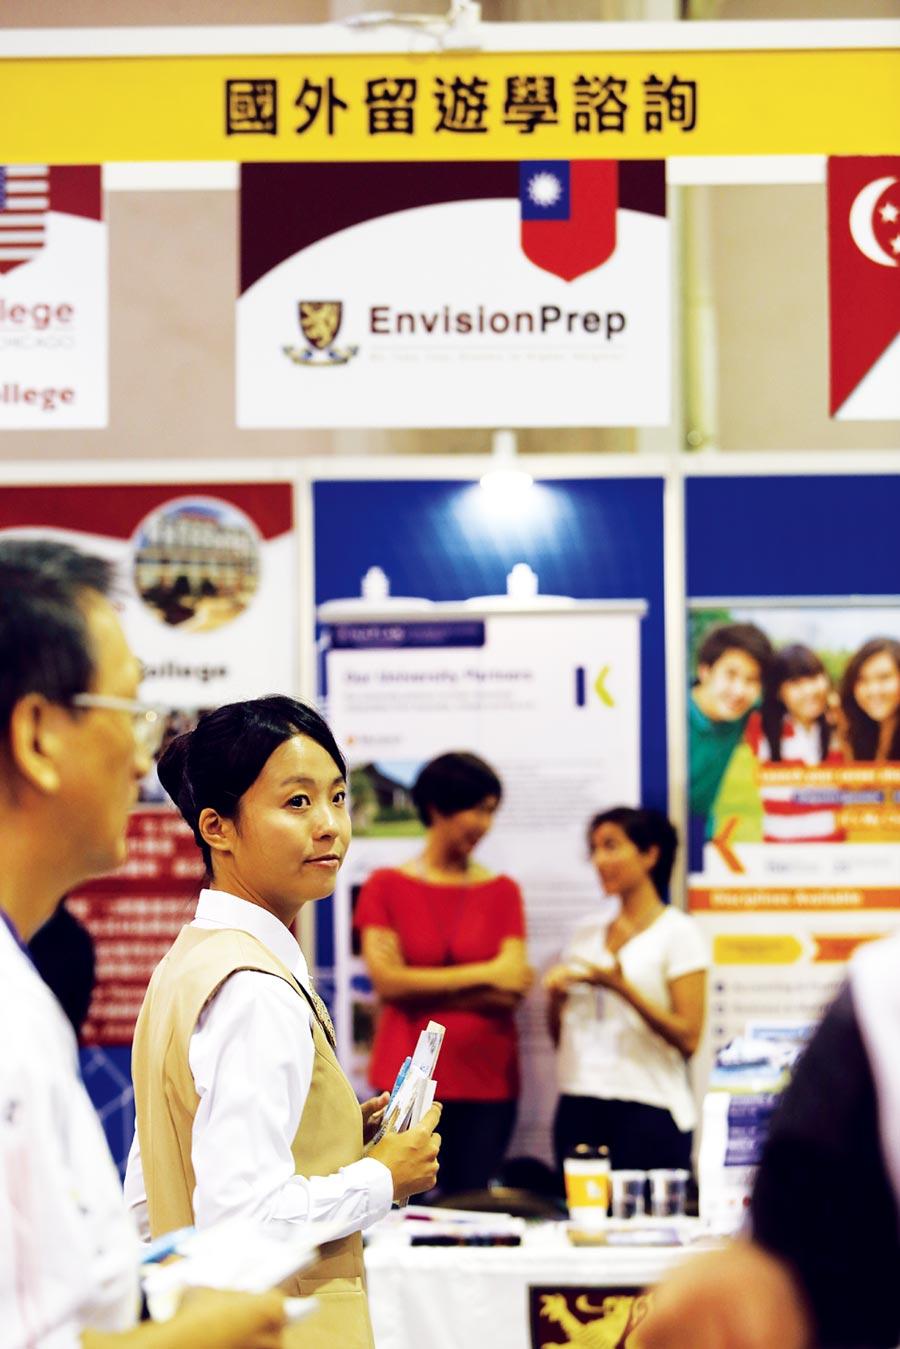 教育部公費留考保障我國學生前往印度、印尼、菲律賓、馬來西亞、泰國、越南6國留學資格,今年開出共計10名保障名額,卻只有20人報考。(本報資料照片)